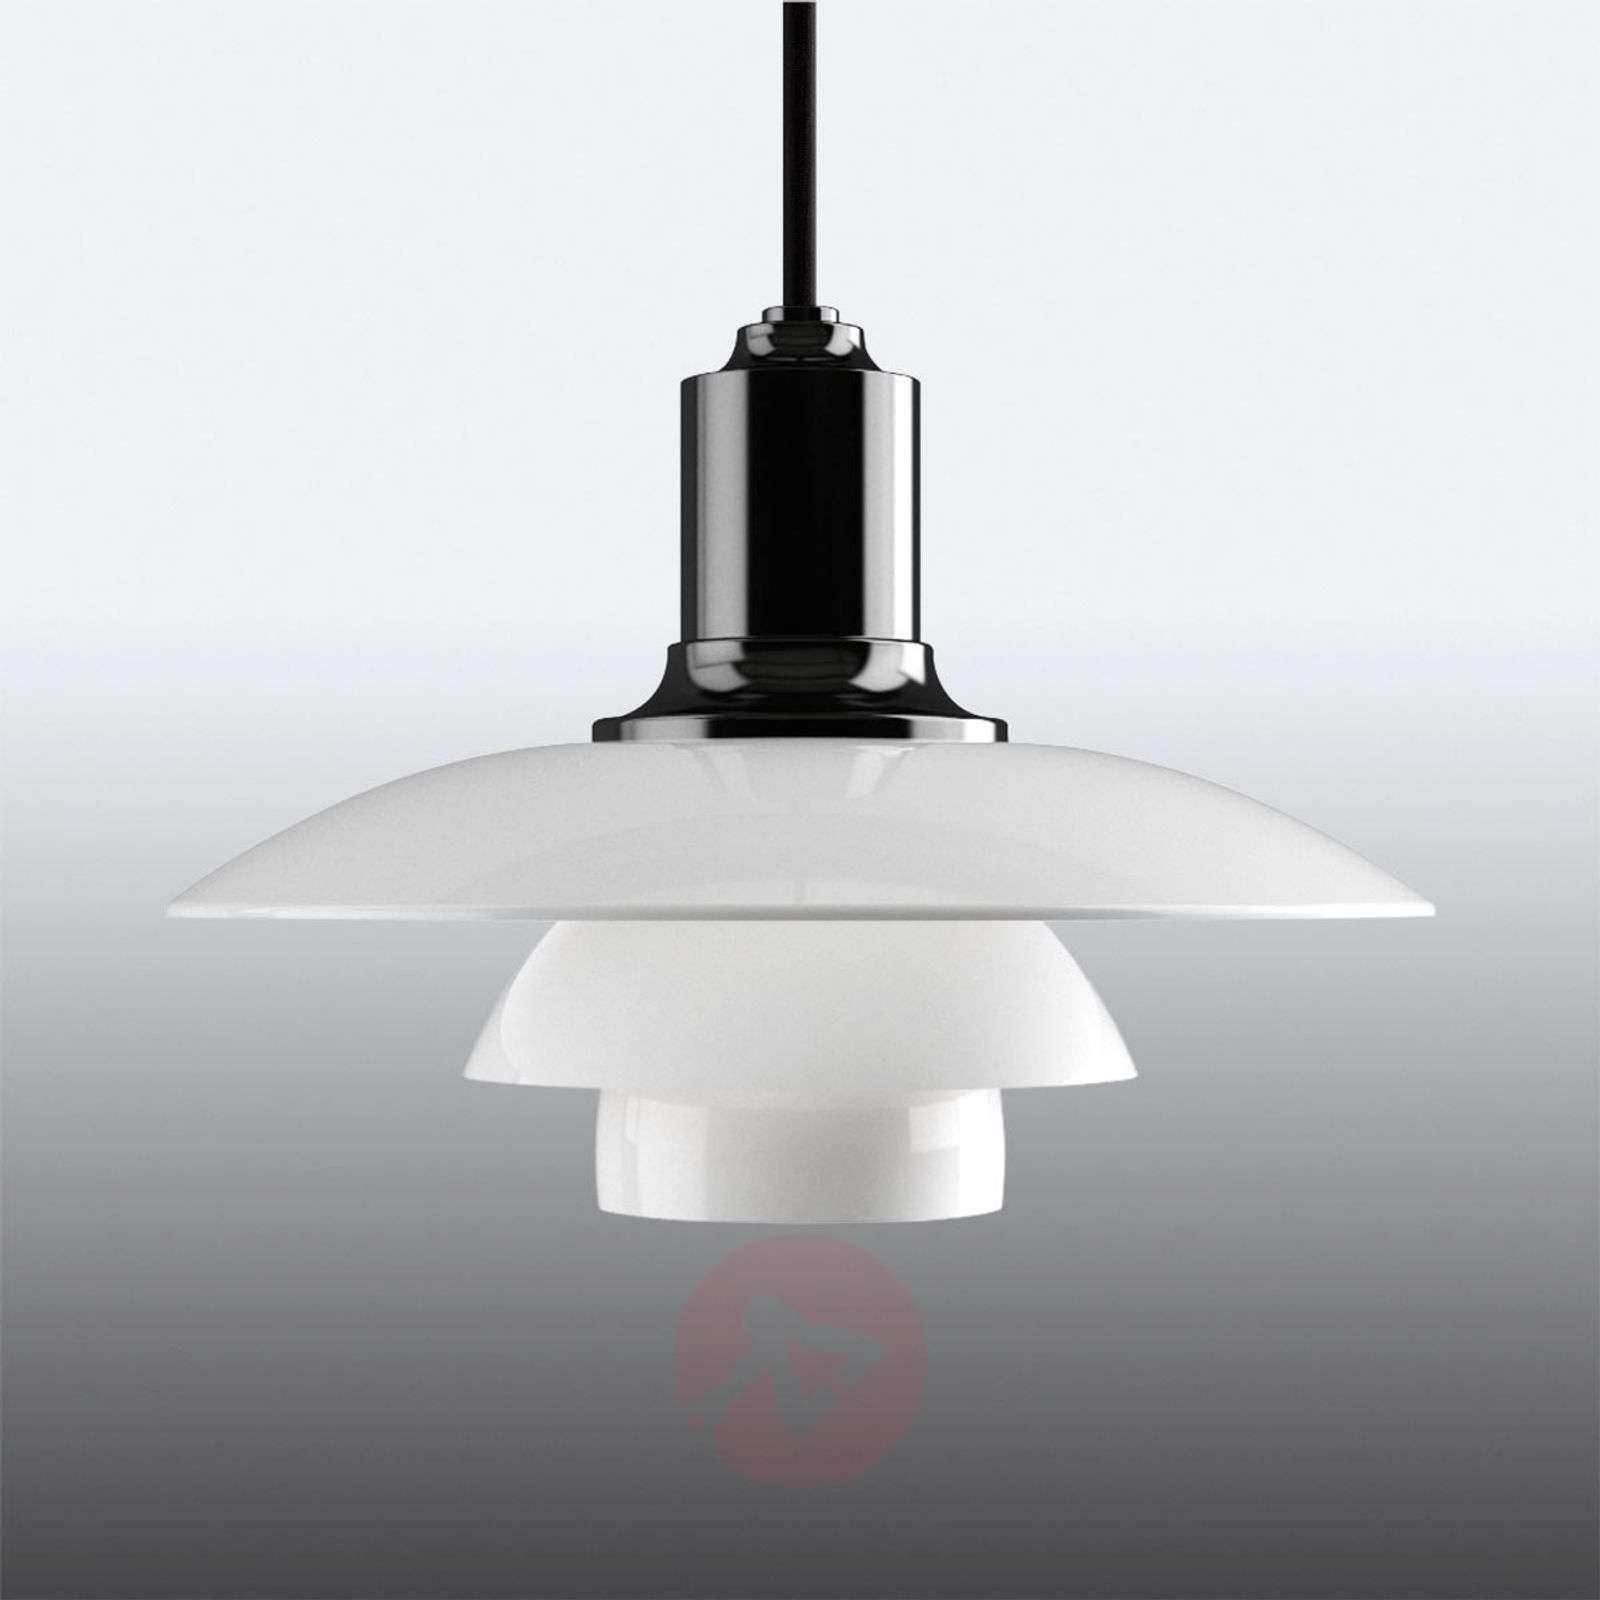 Louis Poulsen PH 2/1 glass pendant light-6090024X-01